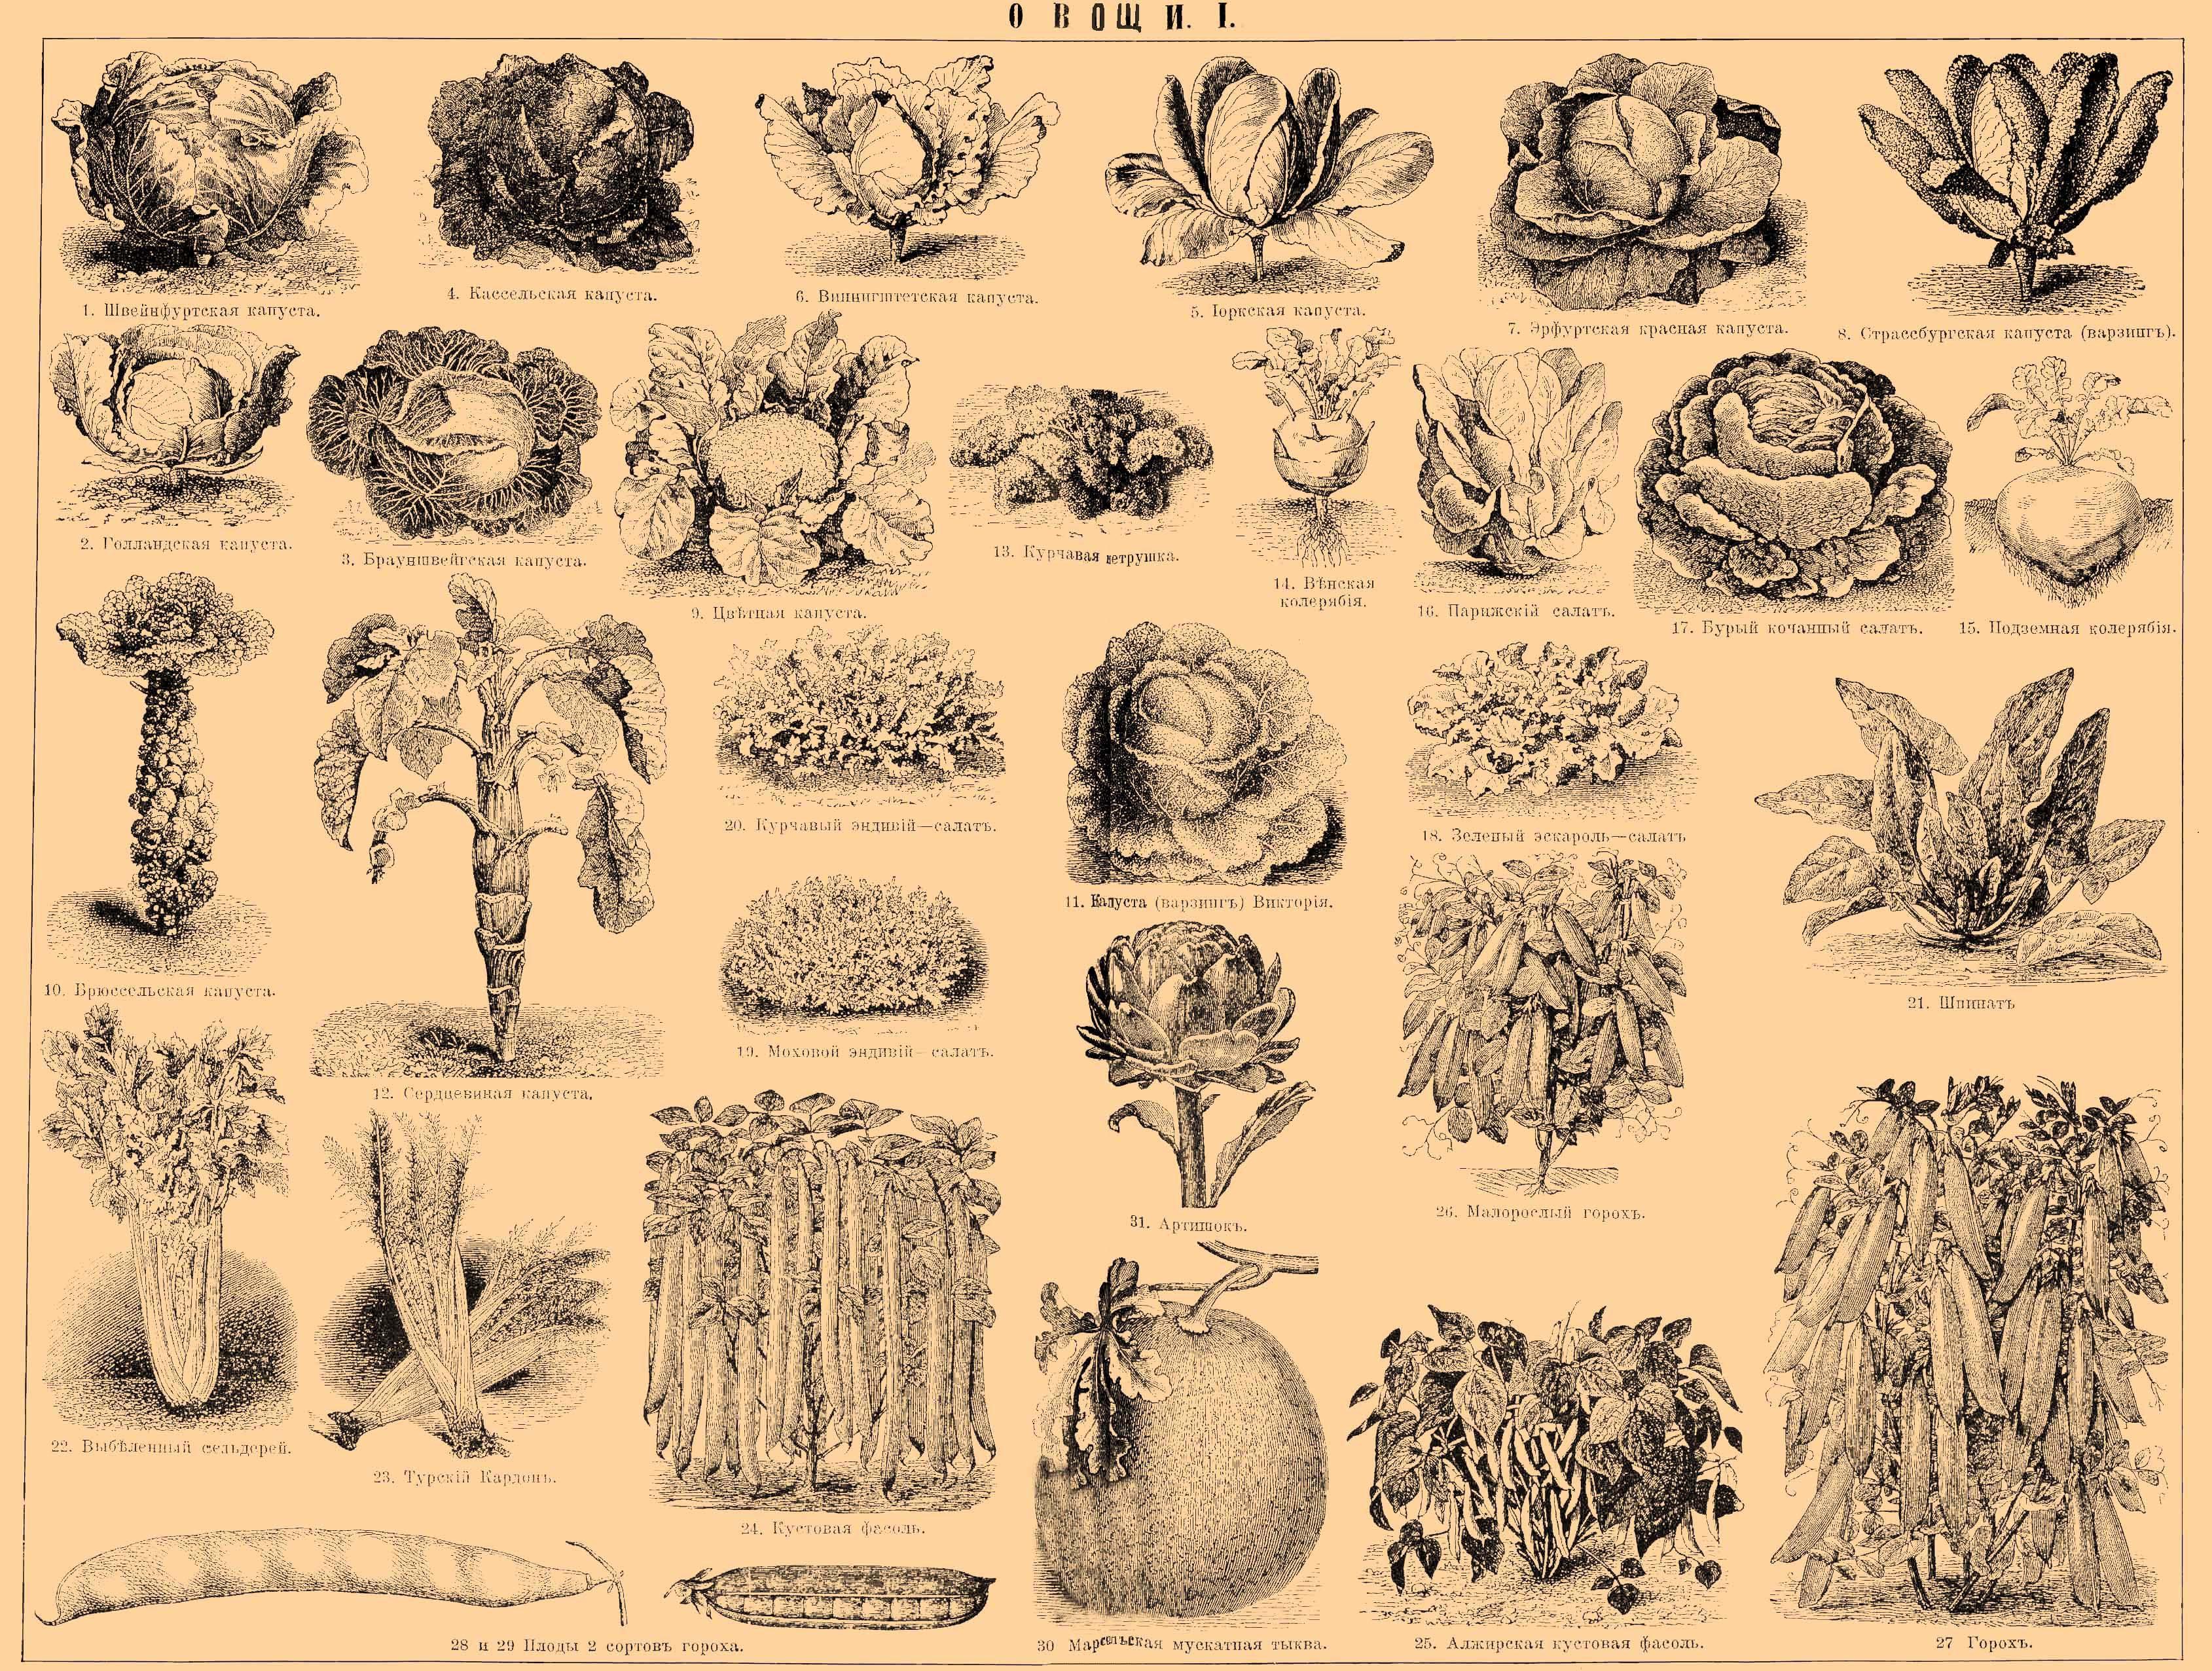 Корнеплоды: растения, виды, функции, уборка и хранение урожая